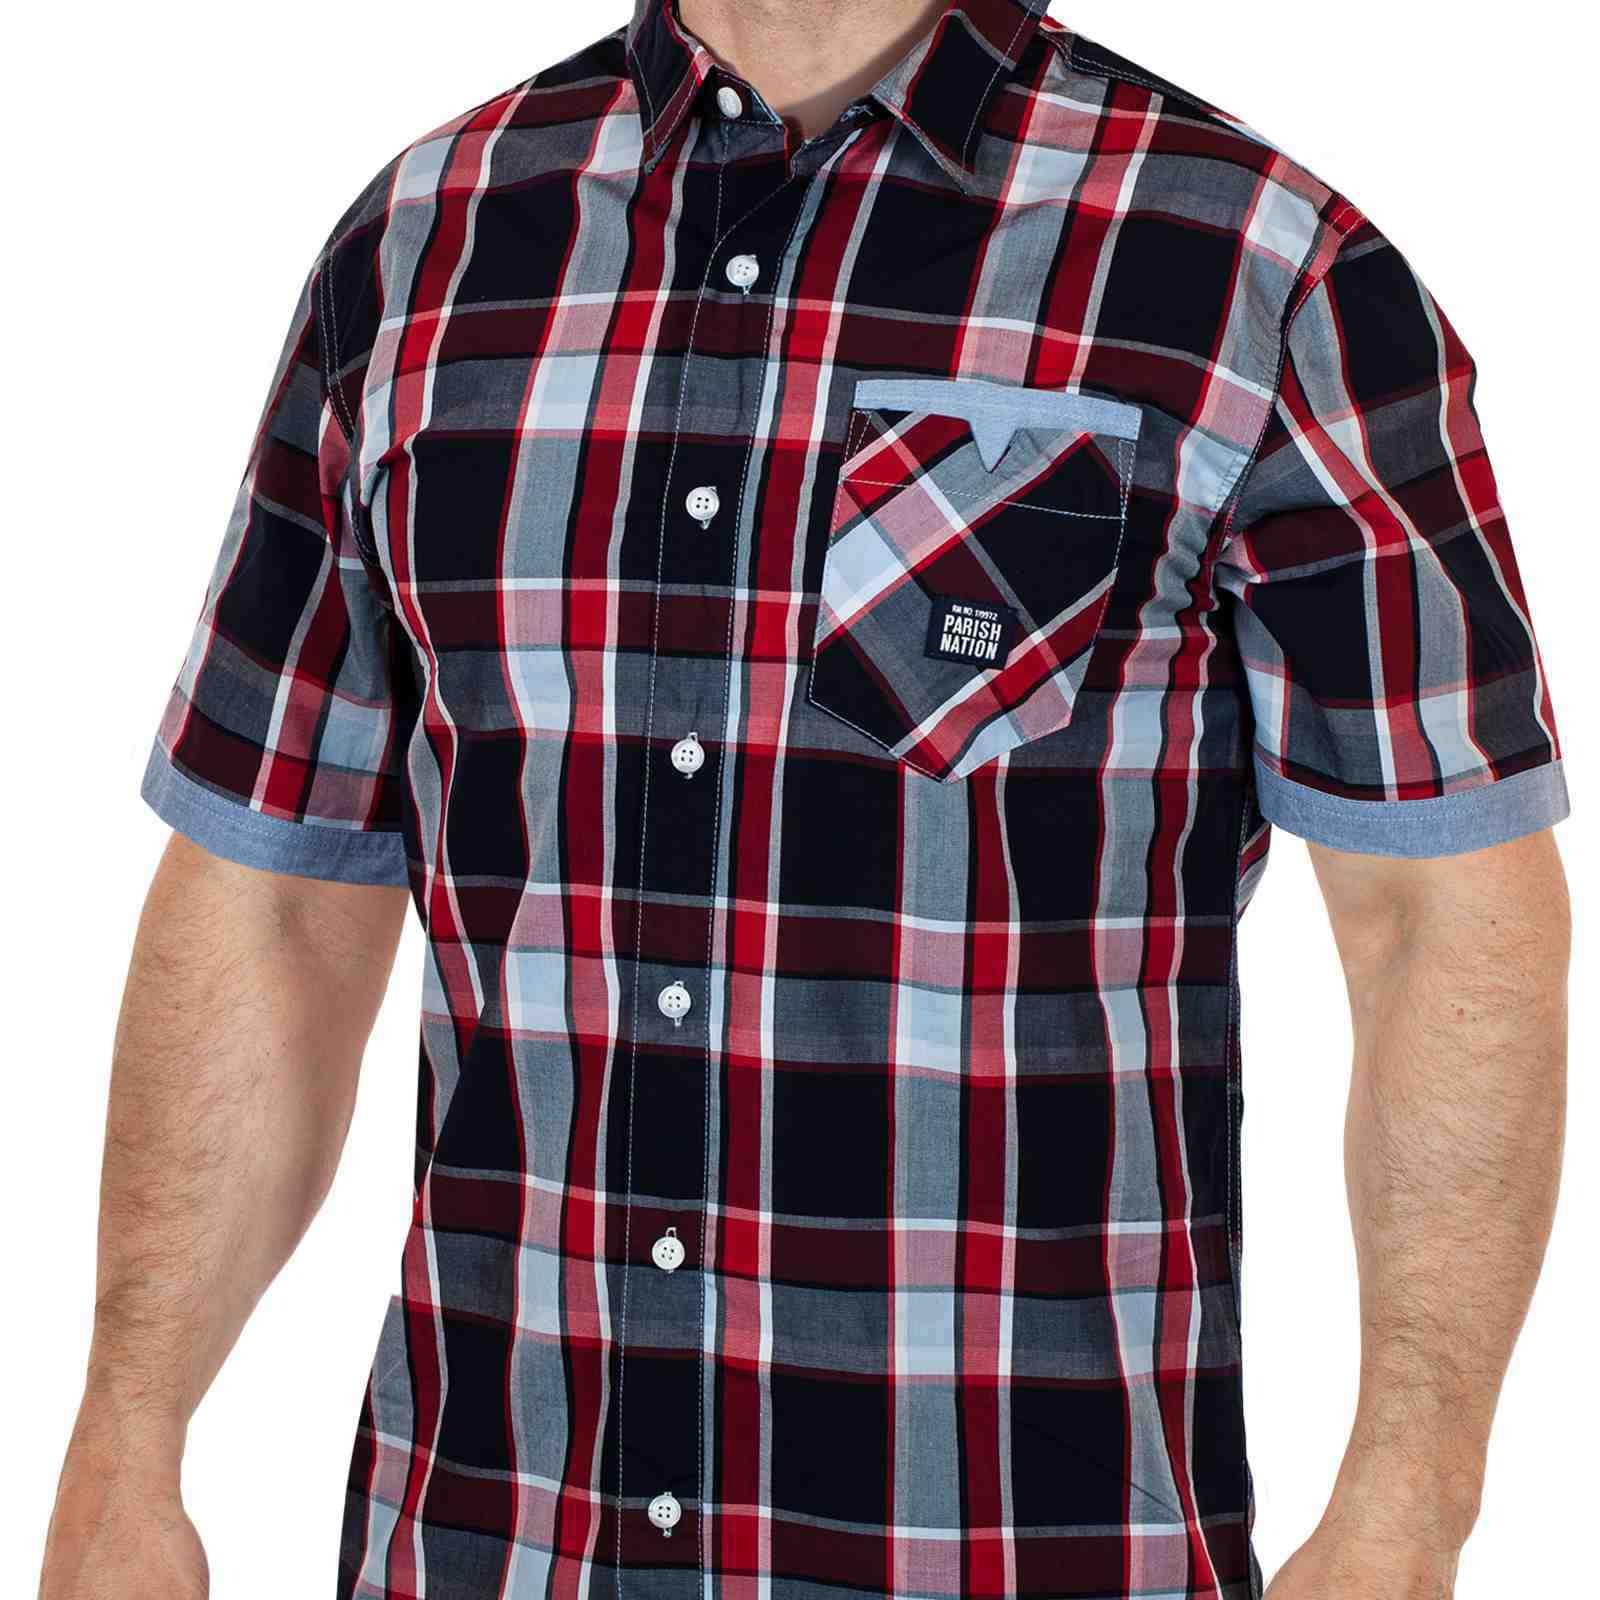 Купить рубашку для мужчины в Саранске по лучшей цене